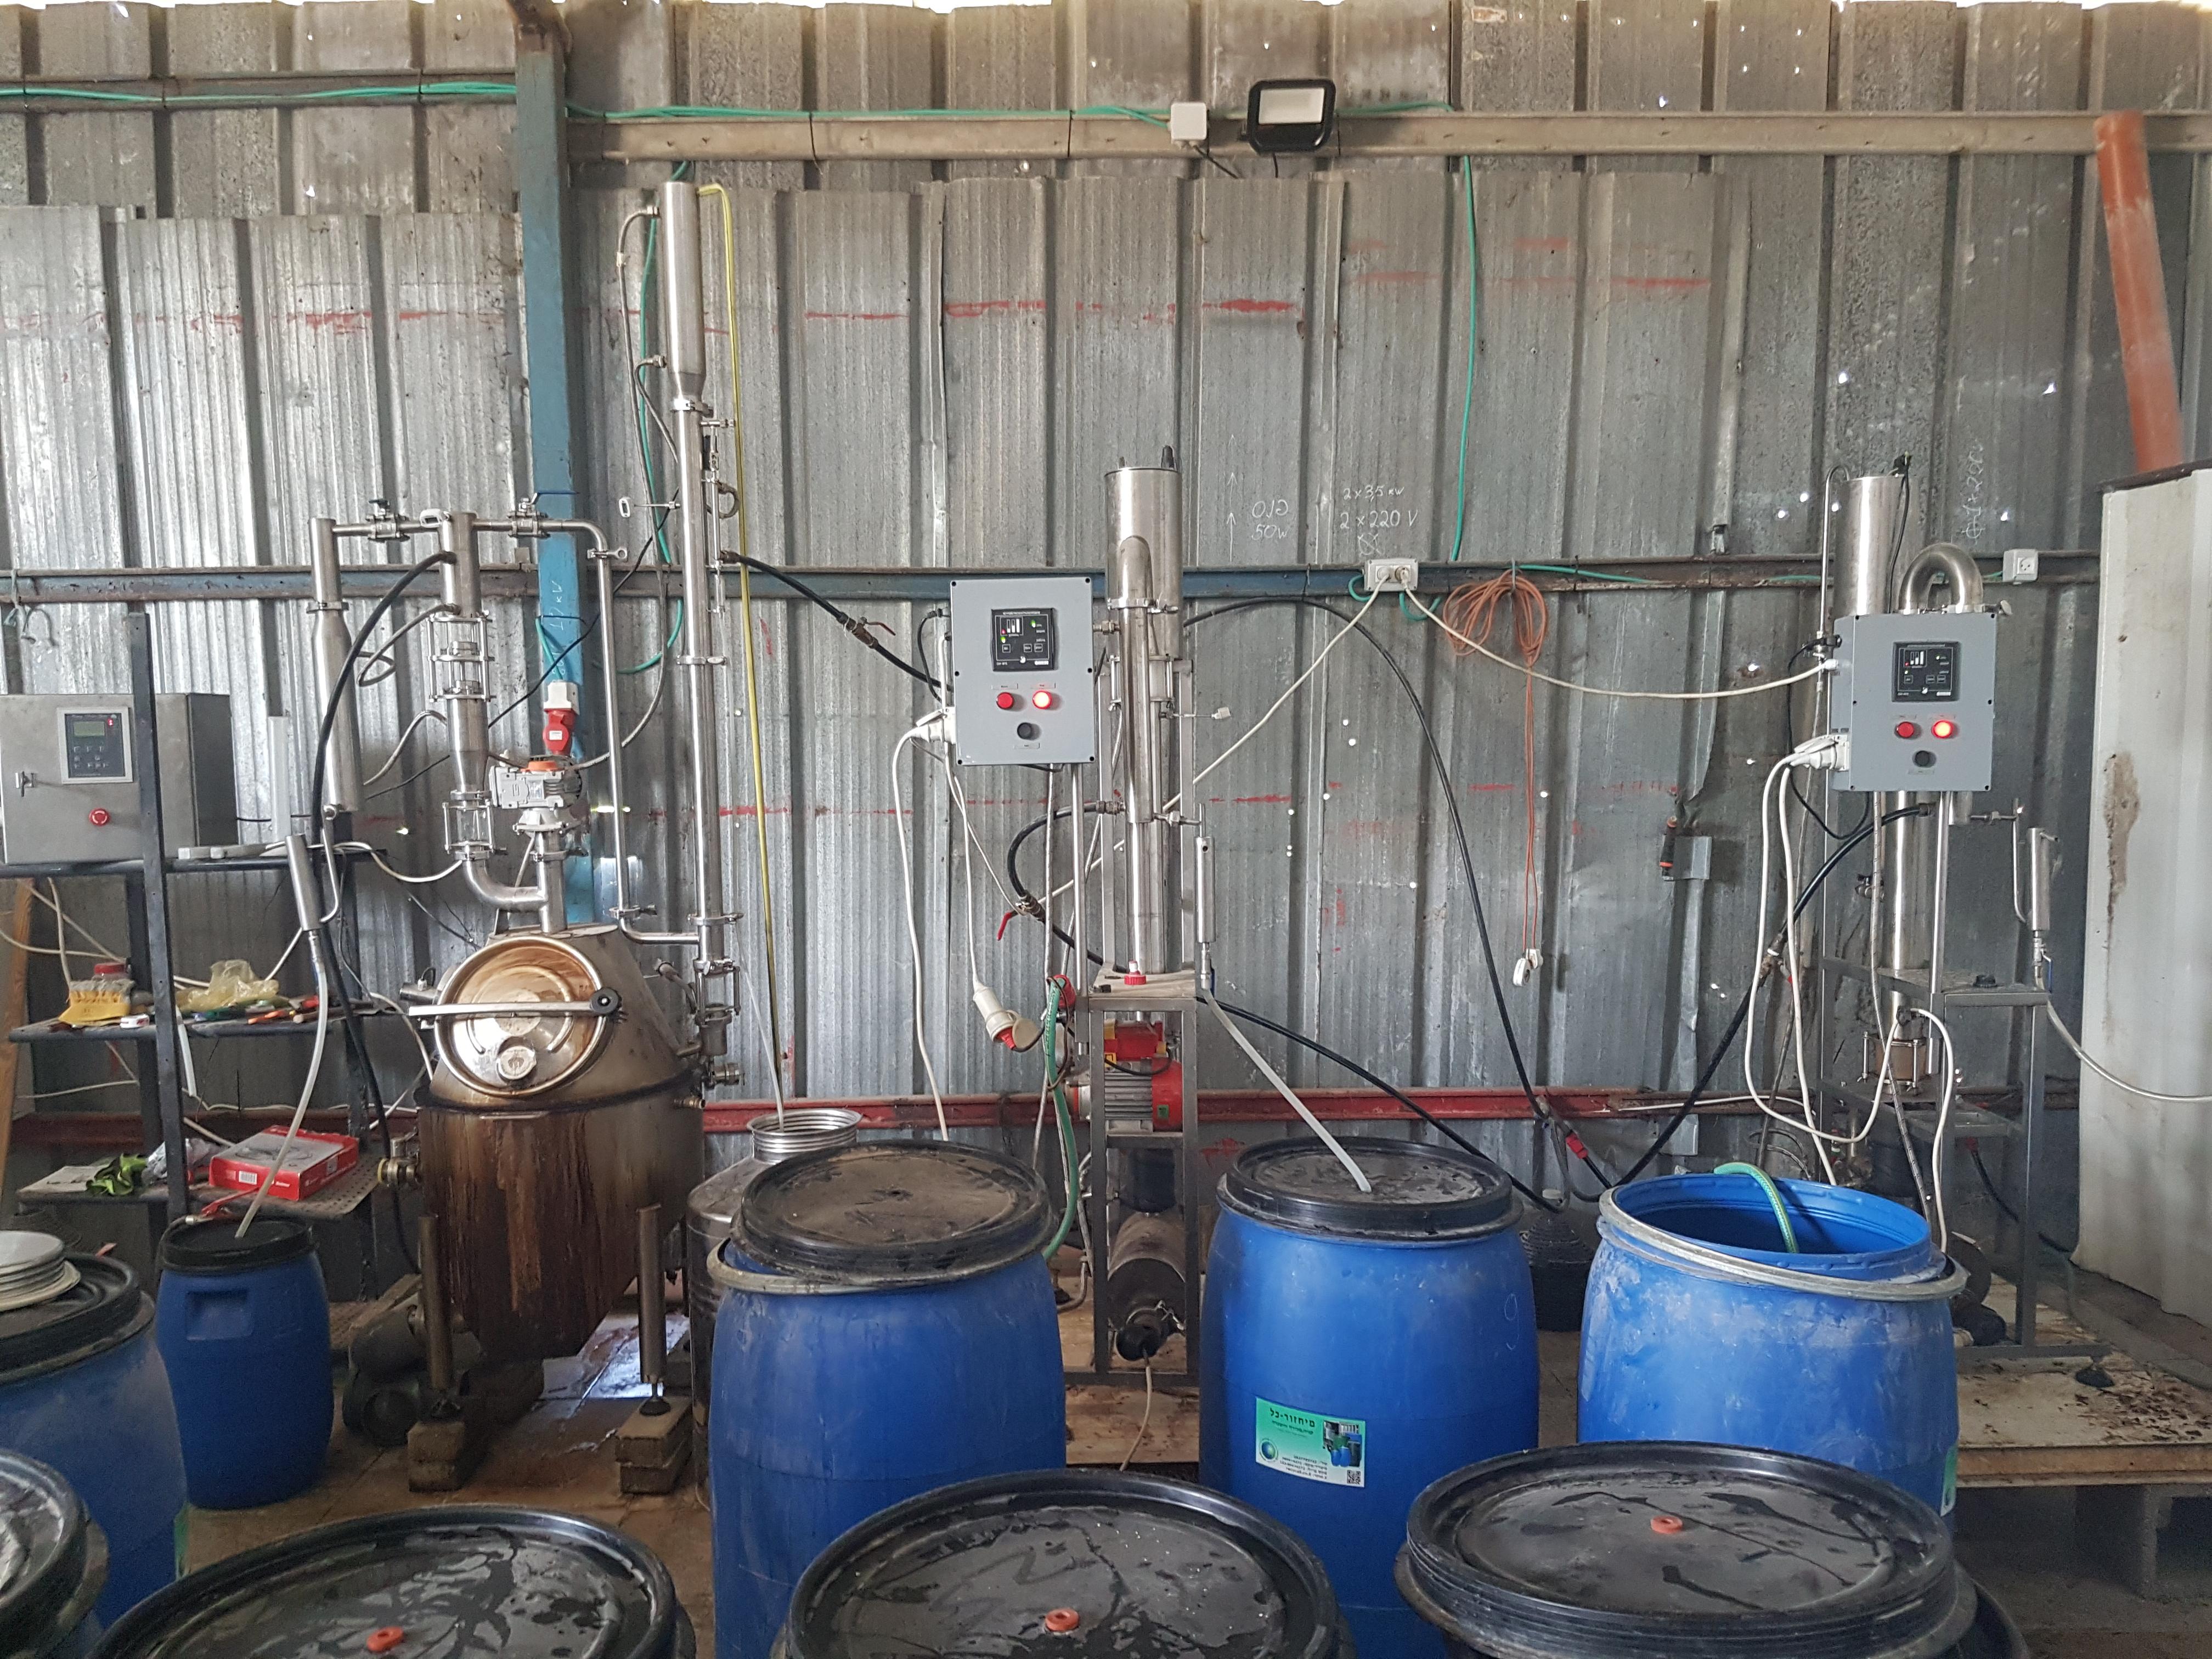 Ревизия на предприятии по производству алкогольных напитков